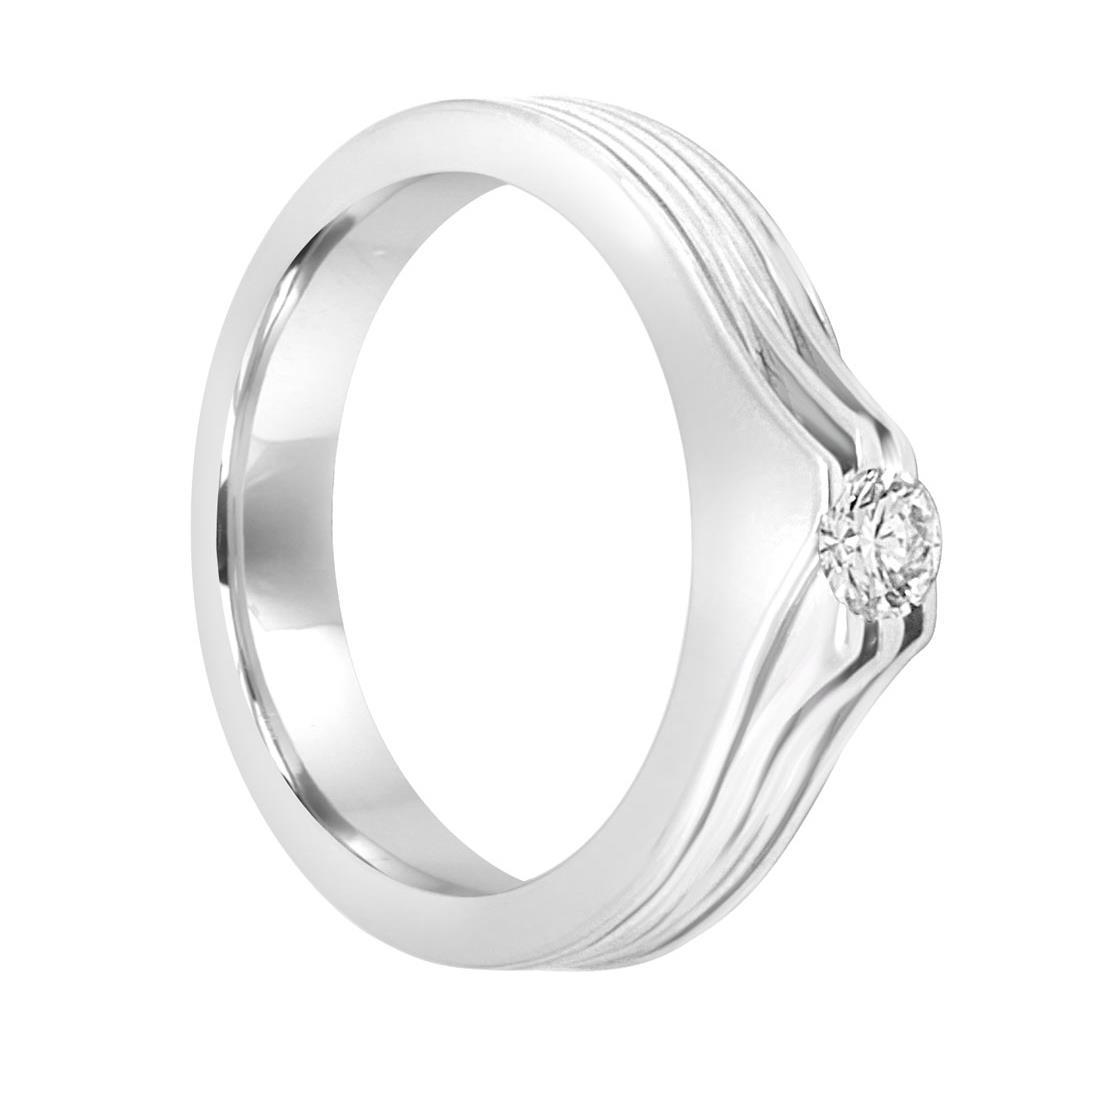 Anello solitario in oro bianco con diamante mis 15 - DAMIANI